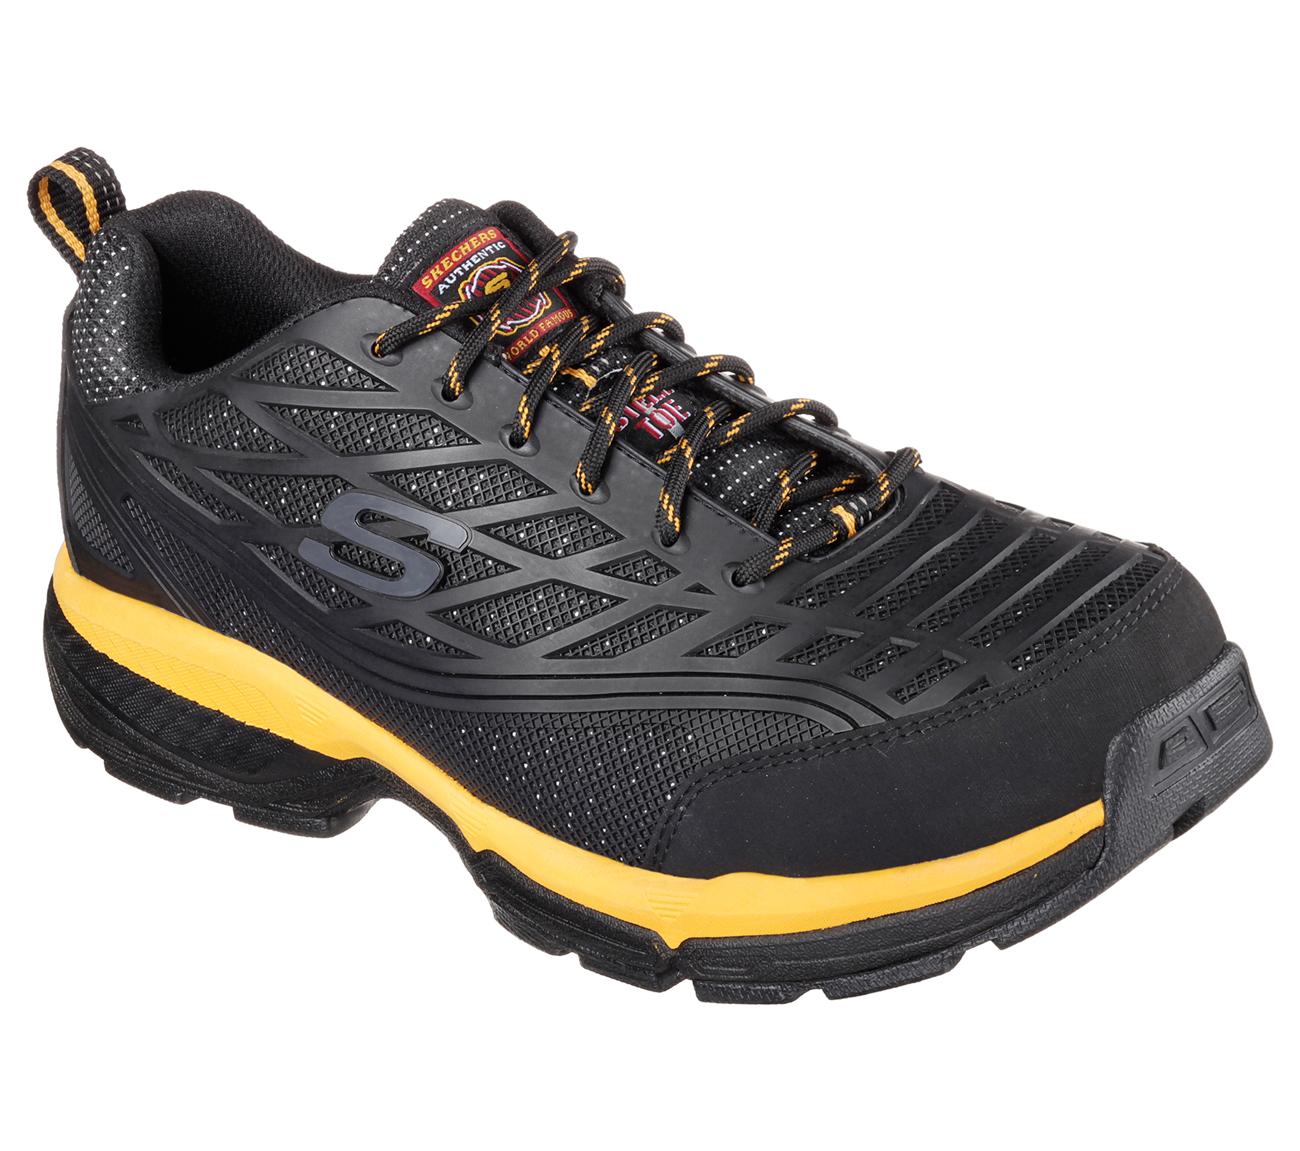 Buy Skechers Steel Toe Shoes U0026gt; OFF62% Discounted